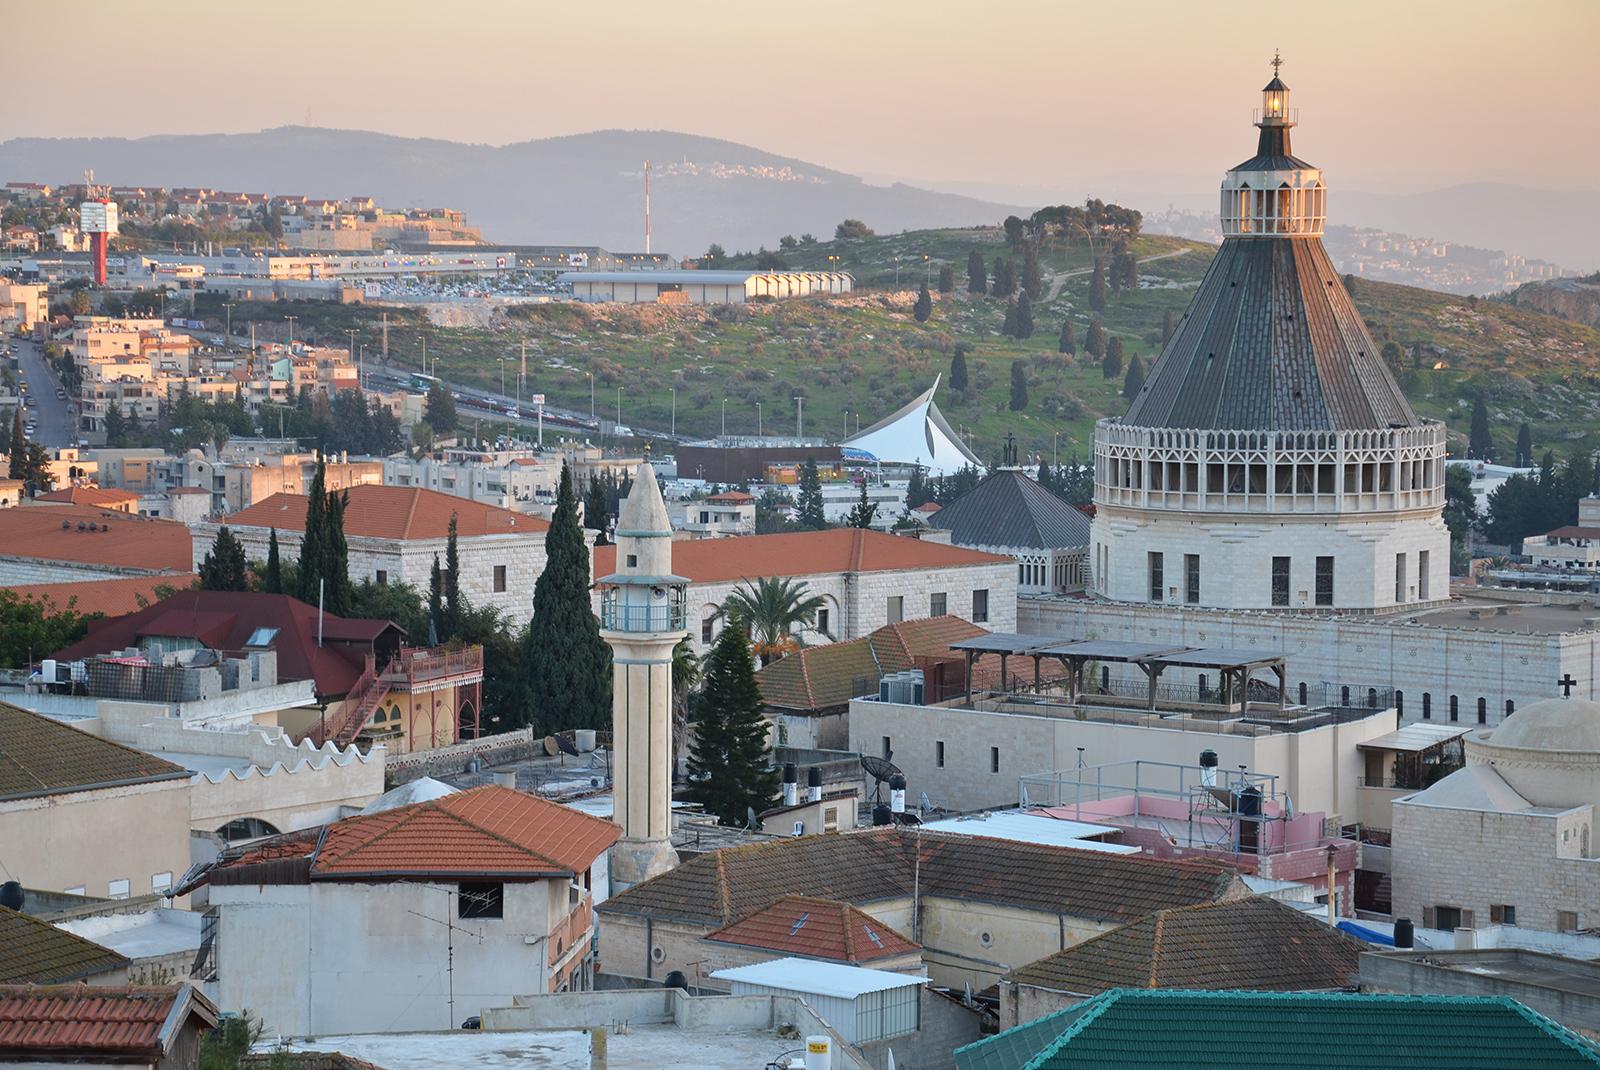 střechy Nazaretu, Izrael